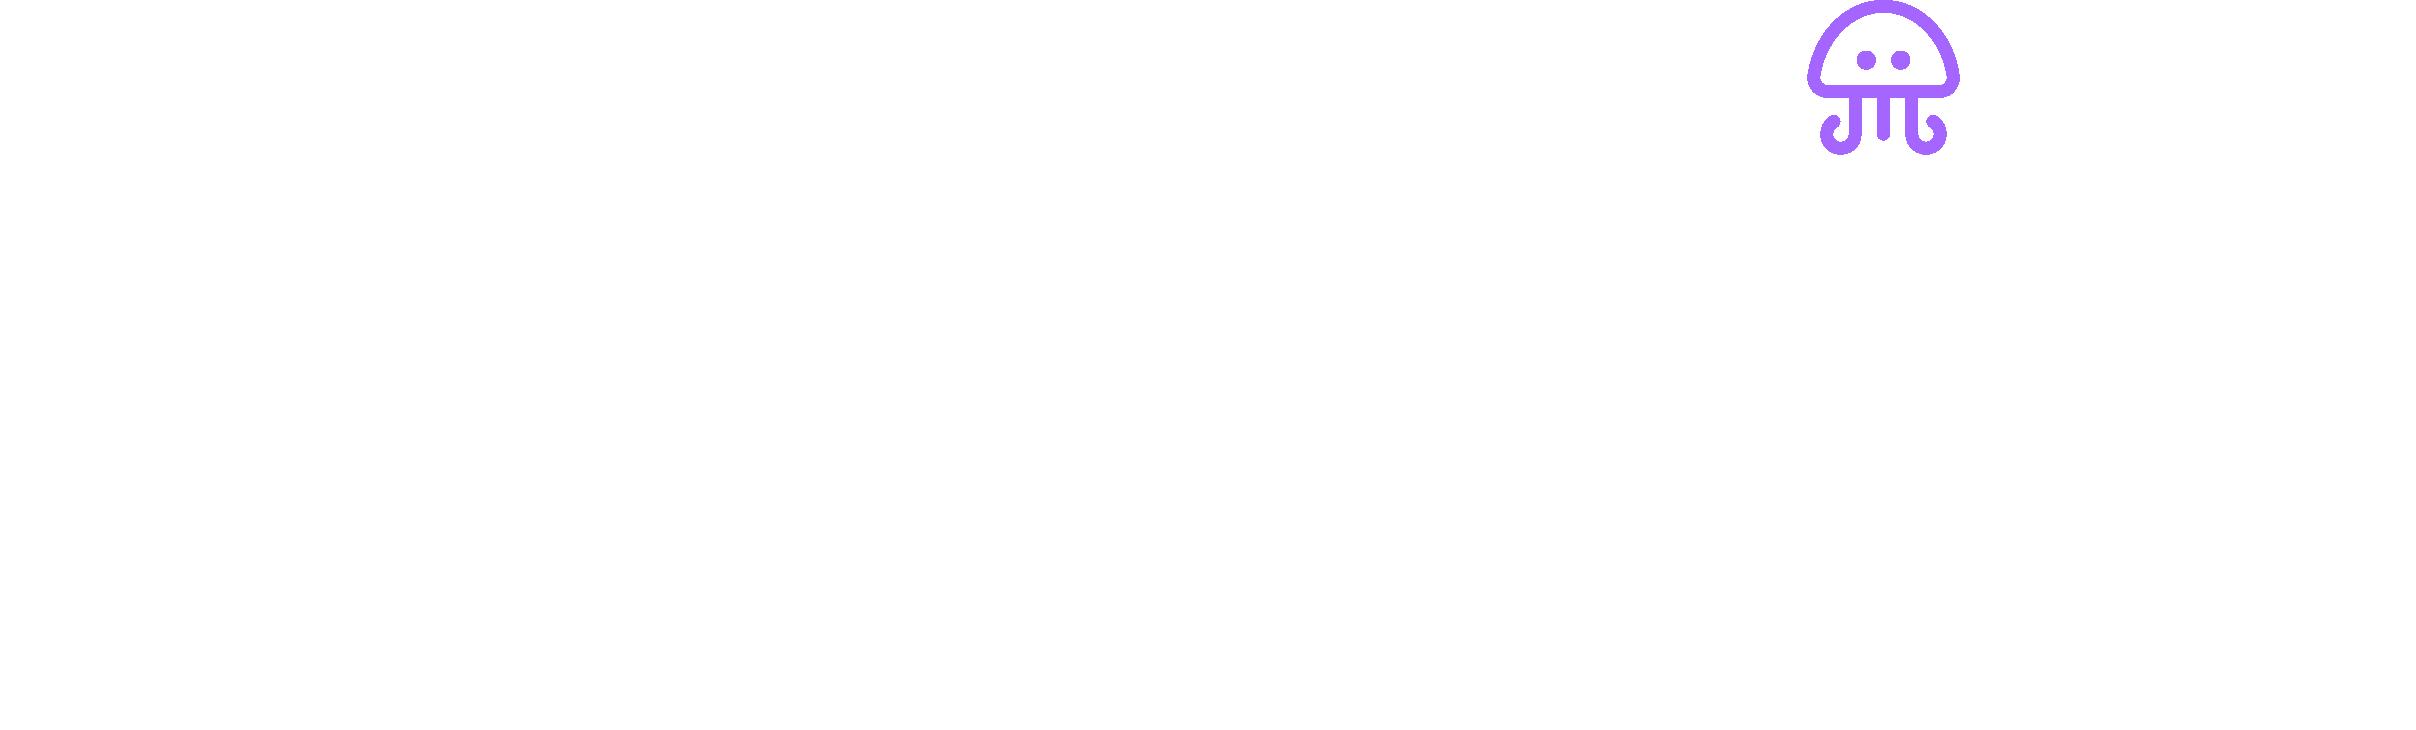 Sequid